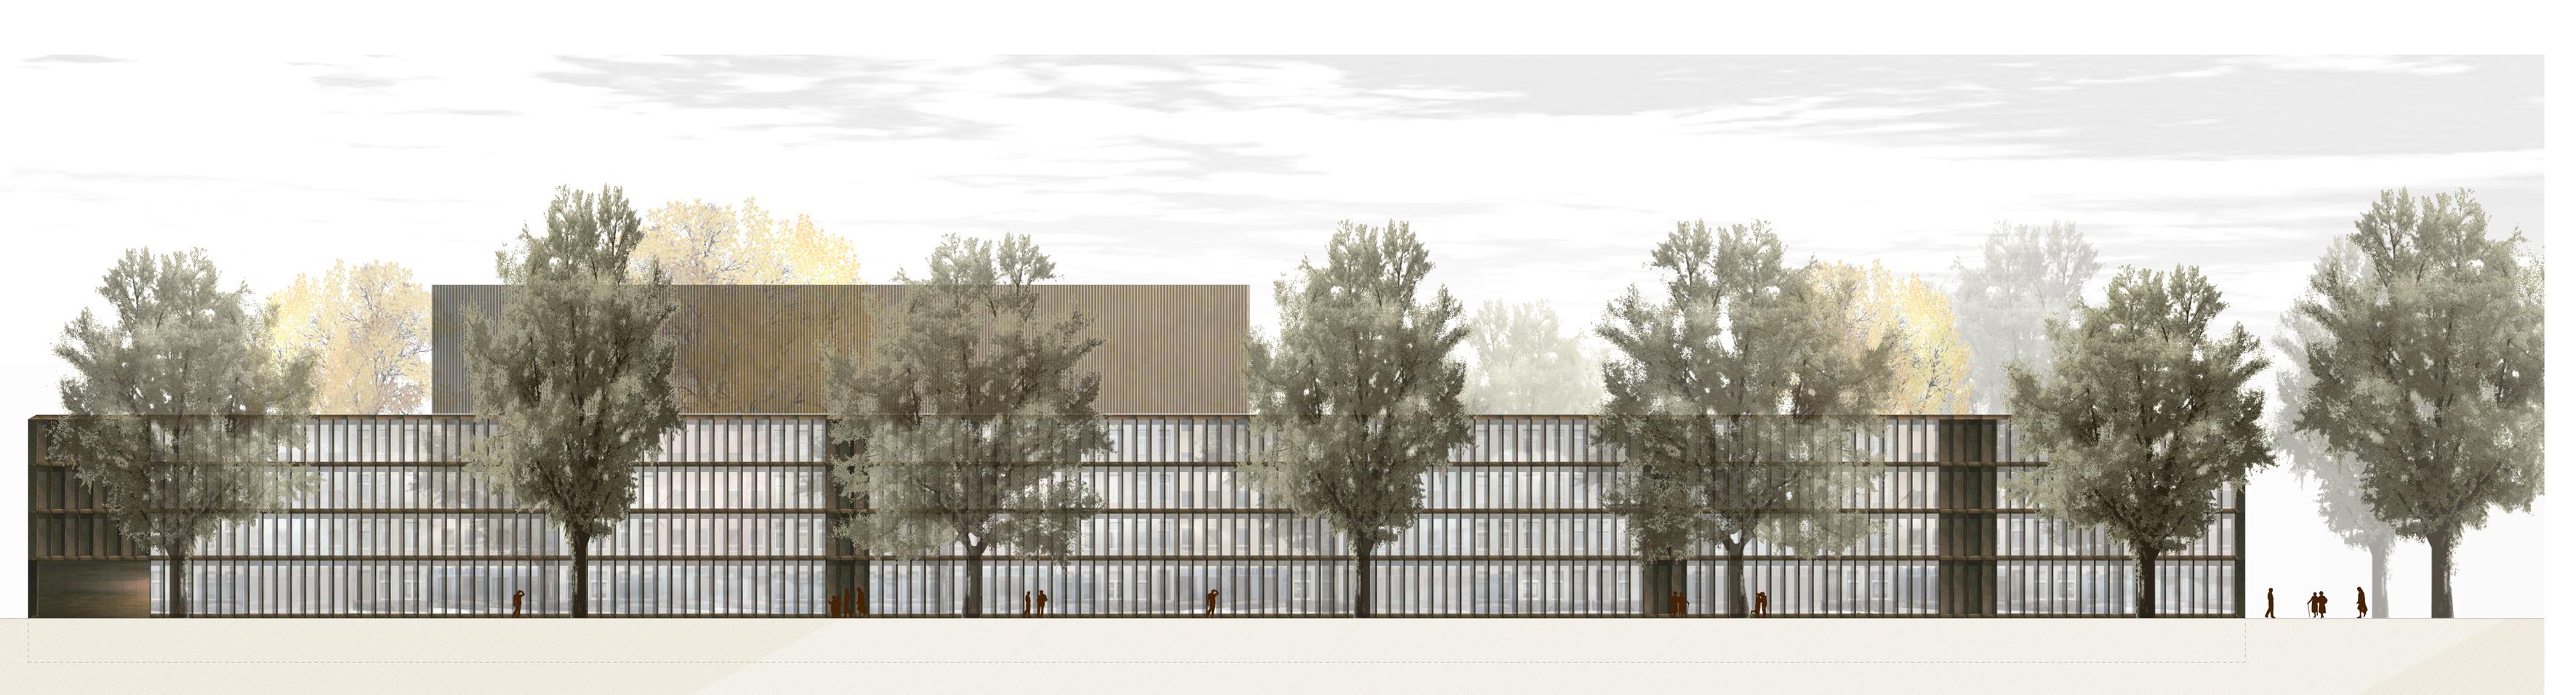 Neubau historisches archiv stadt k ln - Architektur ansicht ...